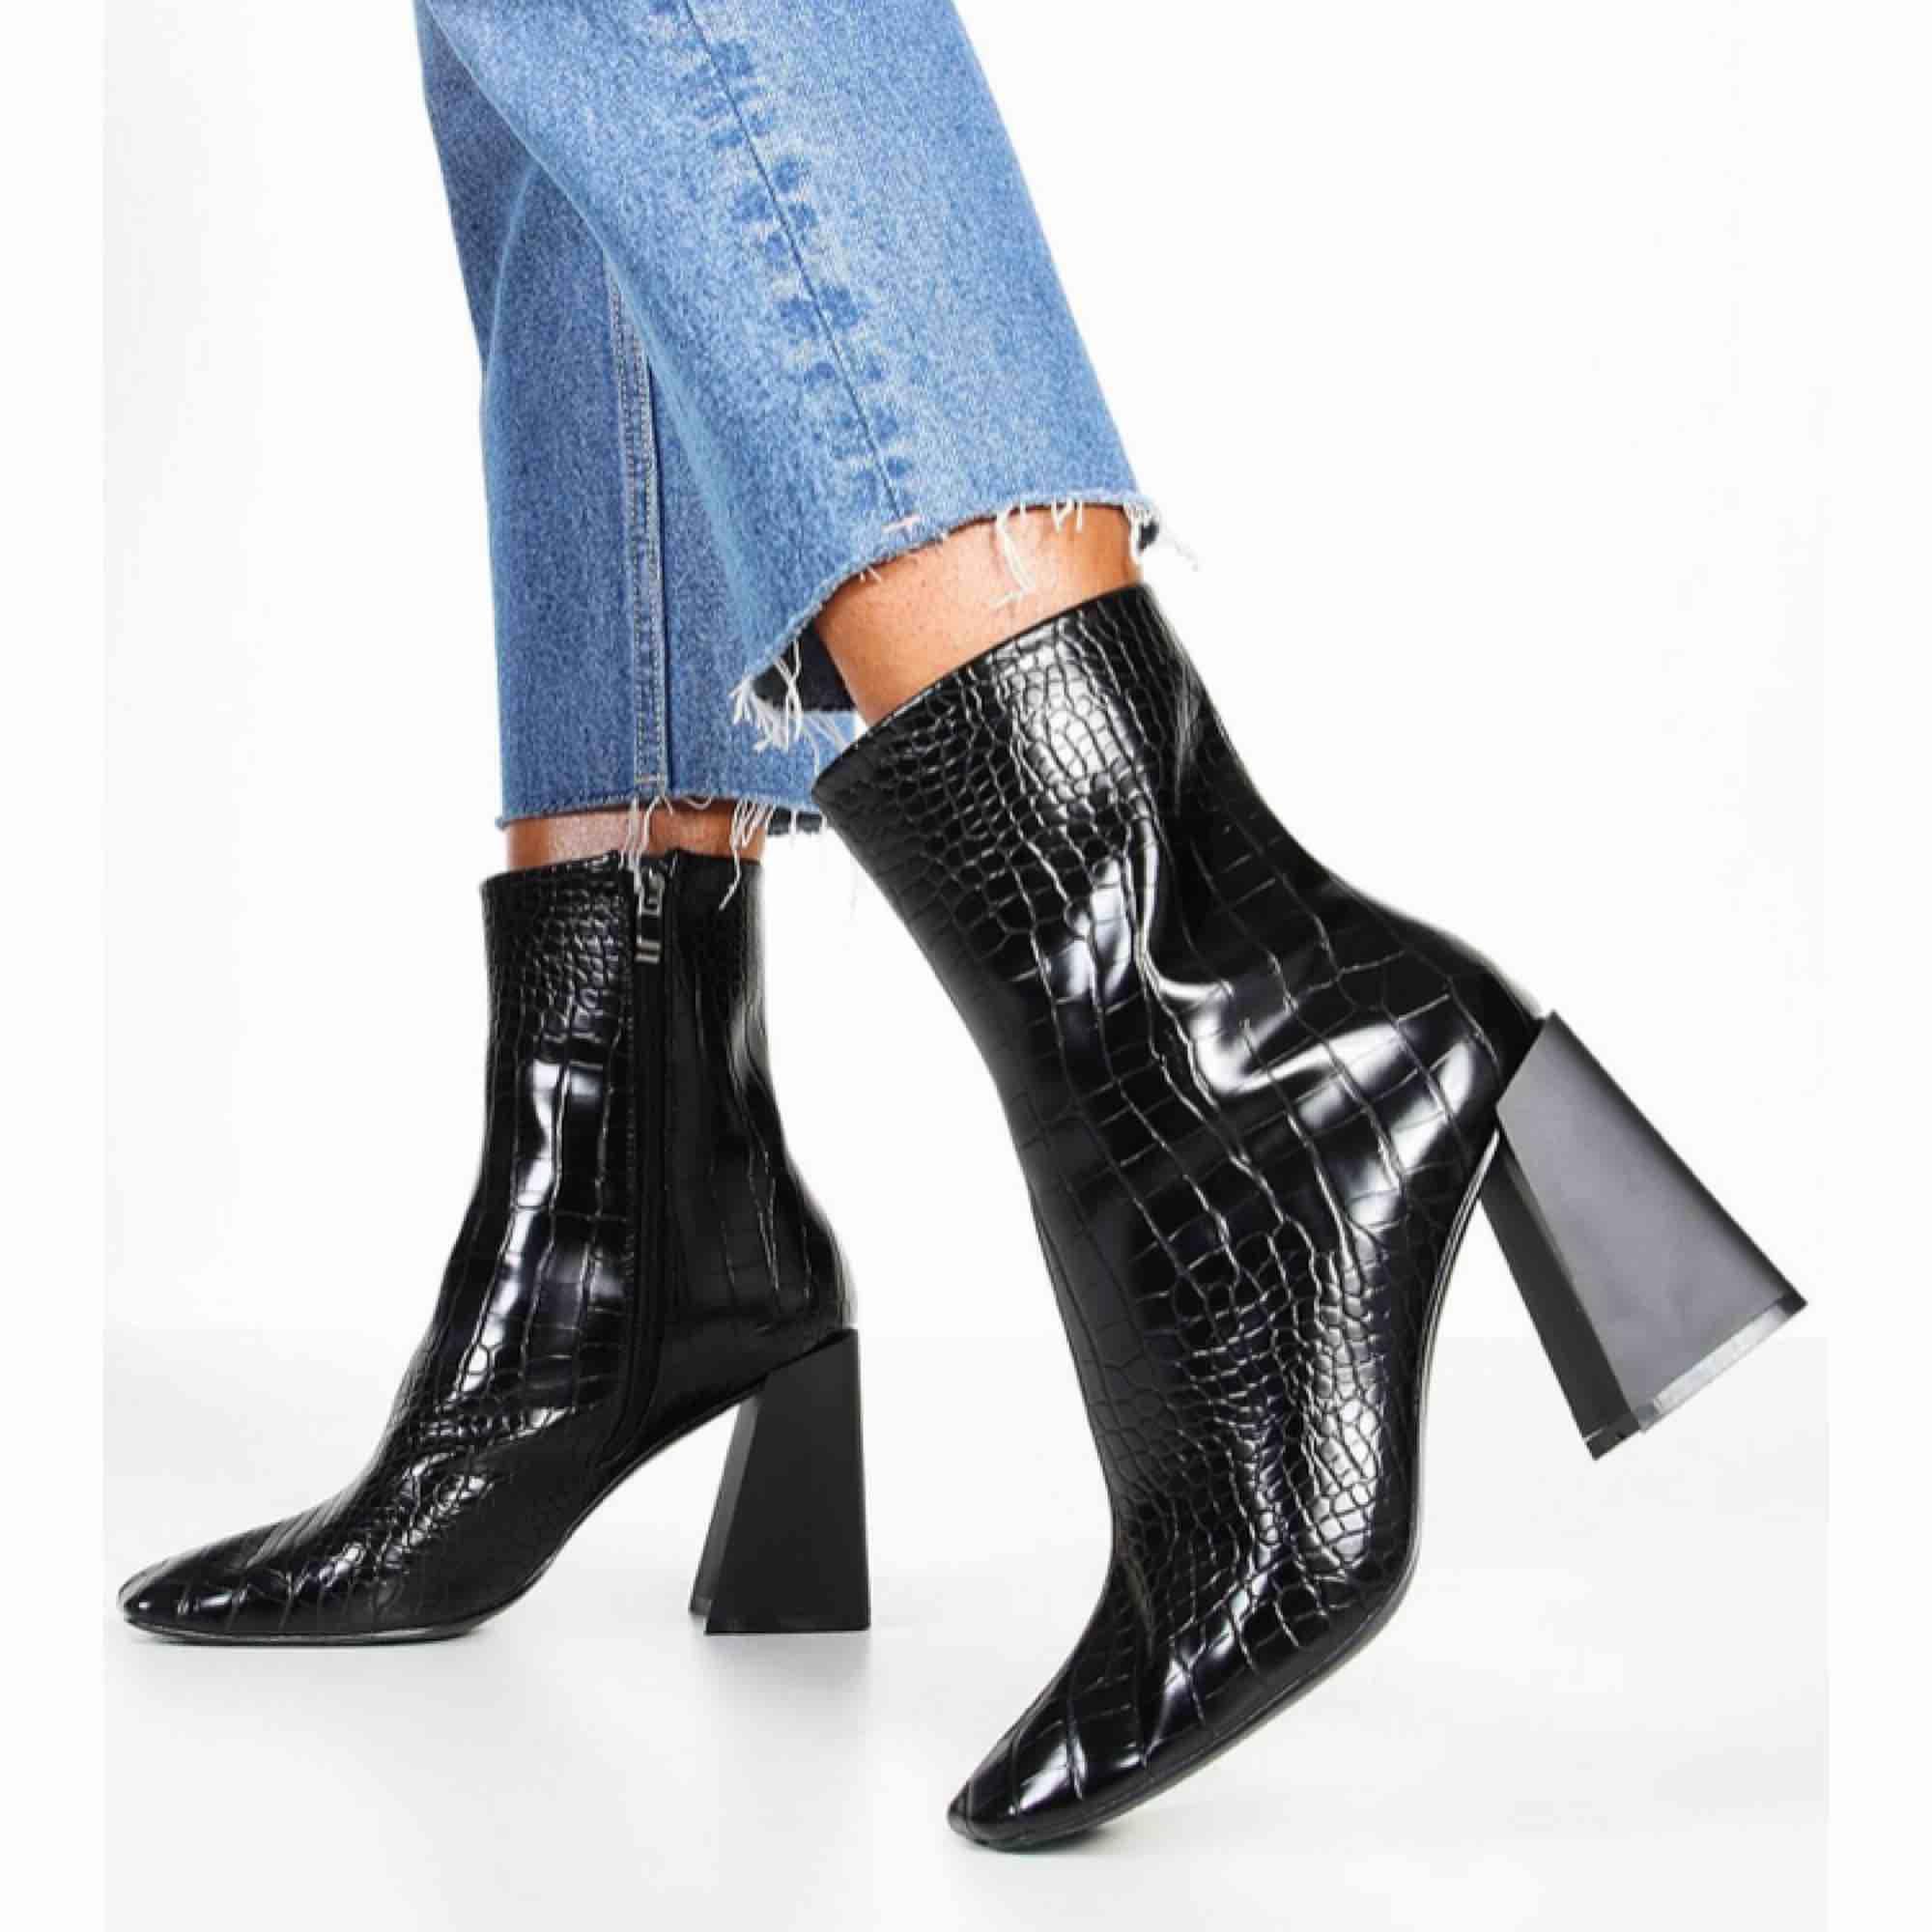 Hej! Säljer dessa tre par boots från Boohoo. Beställde dem men inga av dem passade riktigt. Skorna är endast provade och är lite små i storleken. Skriv 1,2 eller 3 beroende på vilket par ni vill ha. De kostar 200kr styck där även frakt är inräknad . Skor.